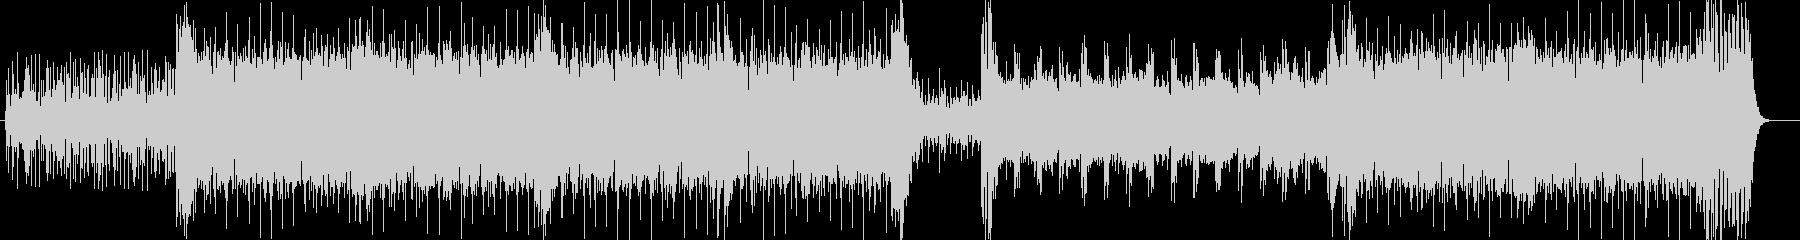 ドキドキと勢いのシンセサイザーなどの曲の未再生の波形